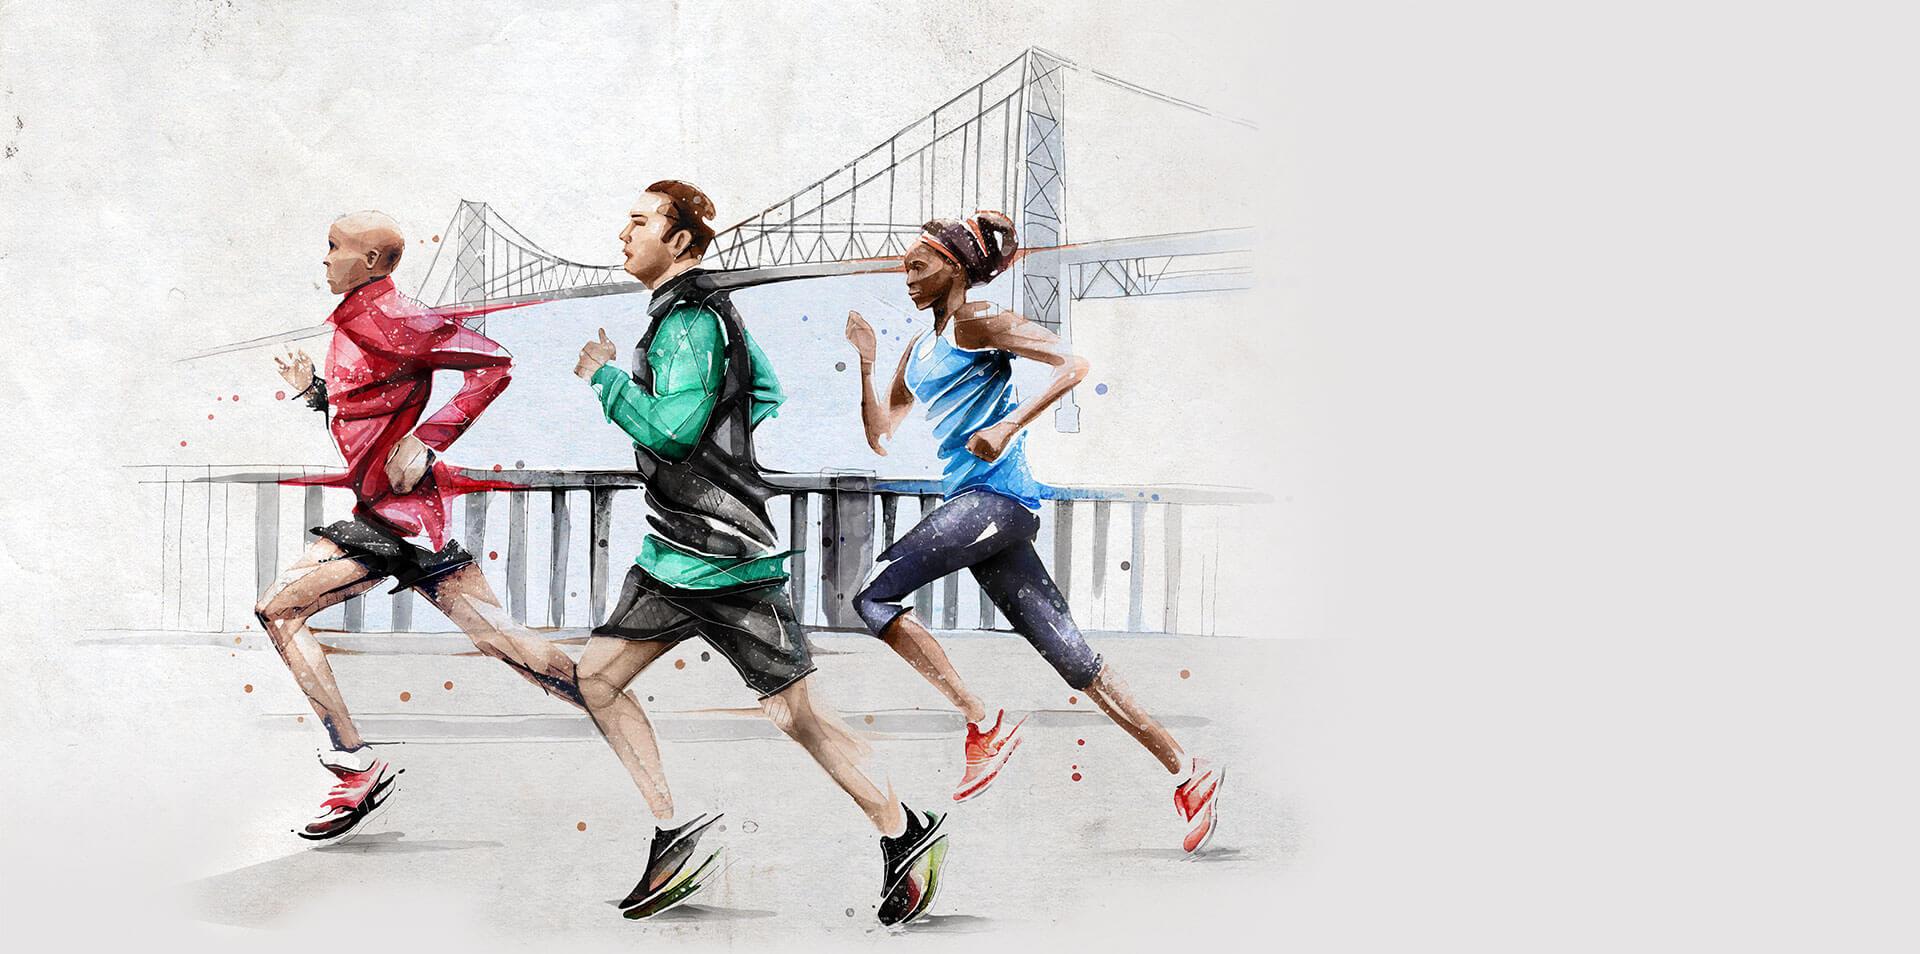 Descubra quais são as melhores maratonas do mundo para iniciantes